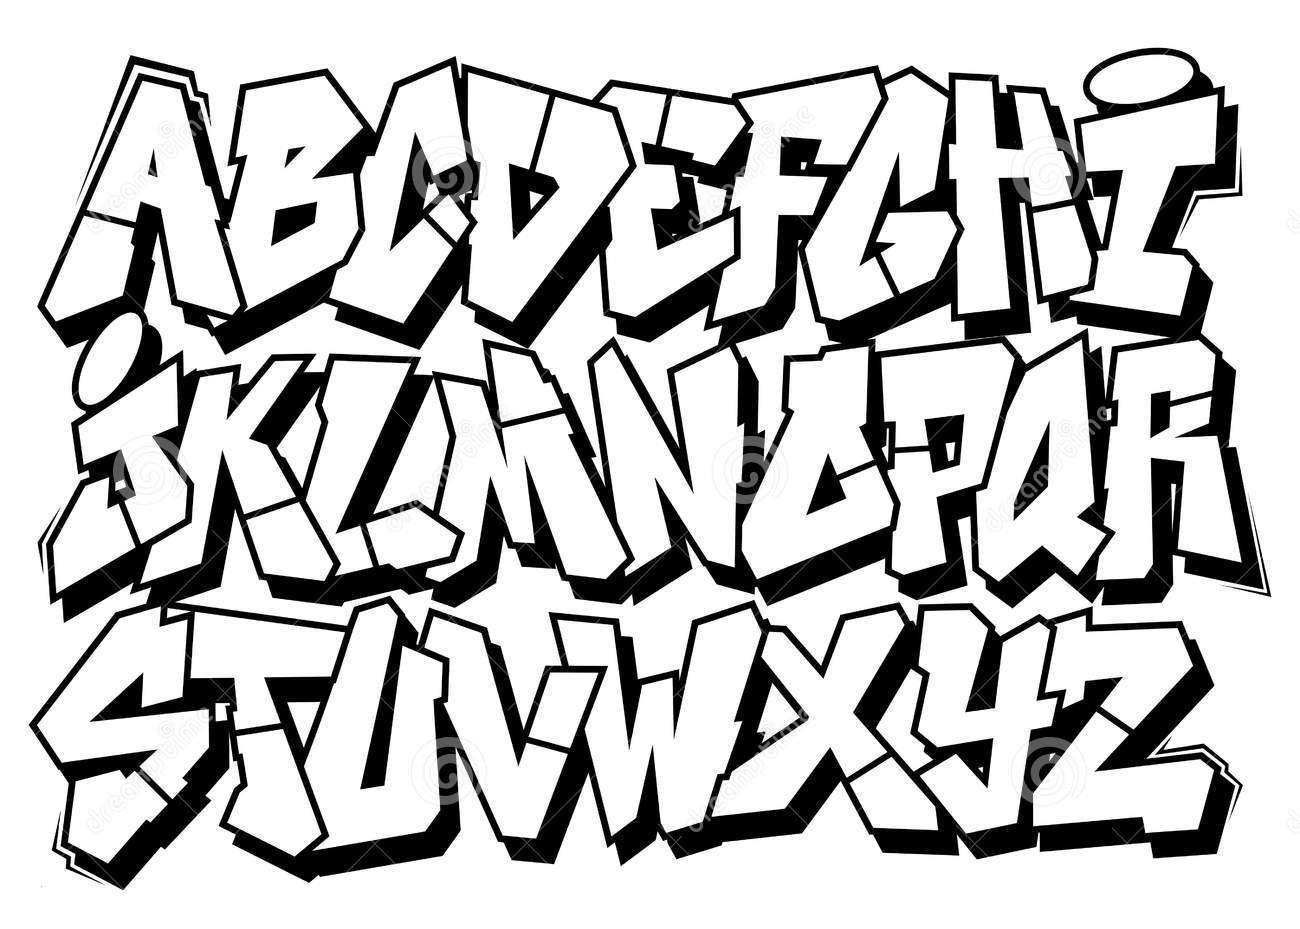 Graffiti Schrift Zum Ausmalen Inspirierend 45 Inspirierend Ausmalbilder Graffiti Love Mickeycarrollmunchkin Fotos